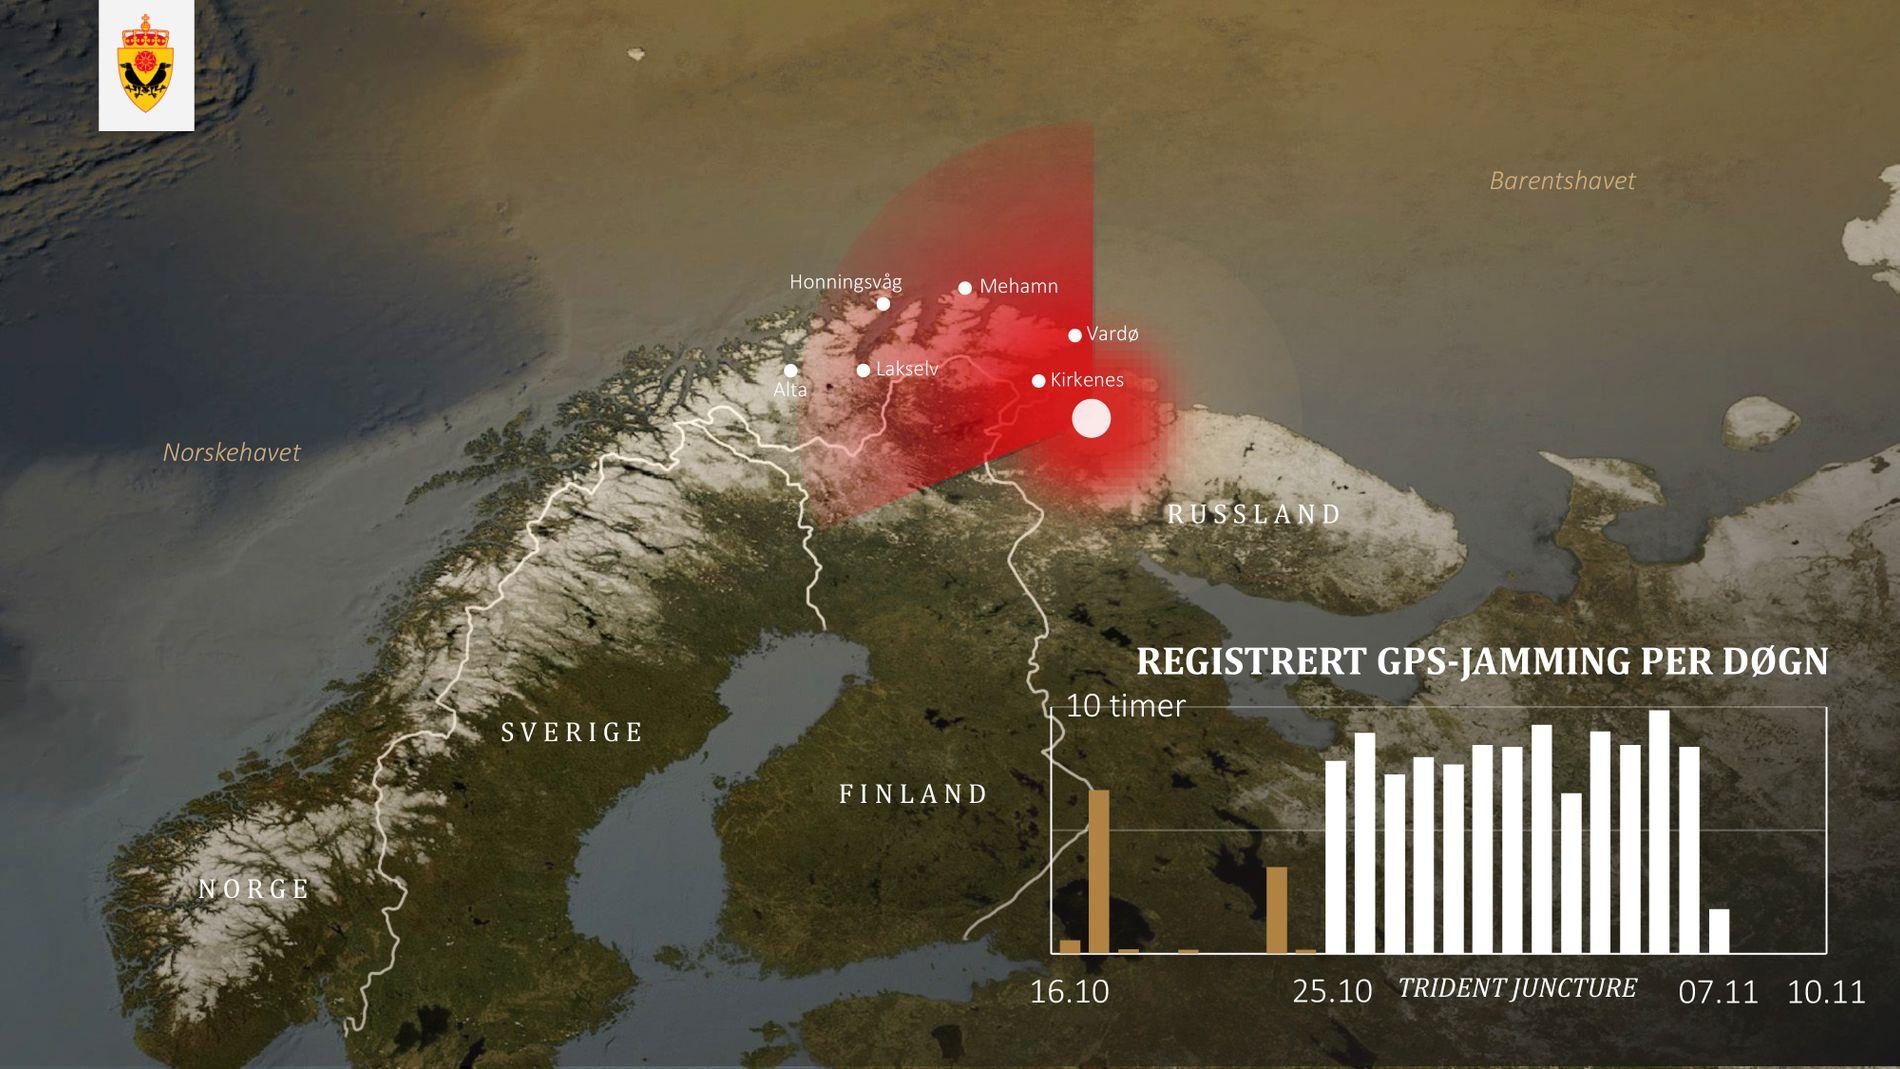 GPS-URO: Plansjen viser hvordan Russland, ifølge E-tjenesten, påvirket navigasjonssignalene GPS i Finnmark, samtidig med NATOs storøvelse sør i Norge høsten 2018.